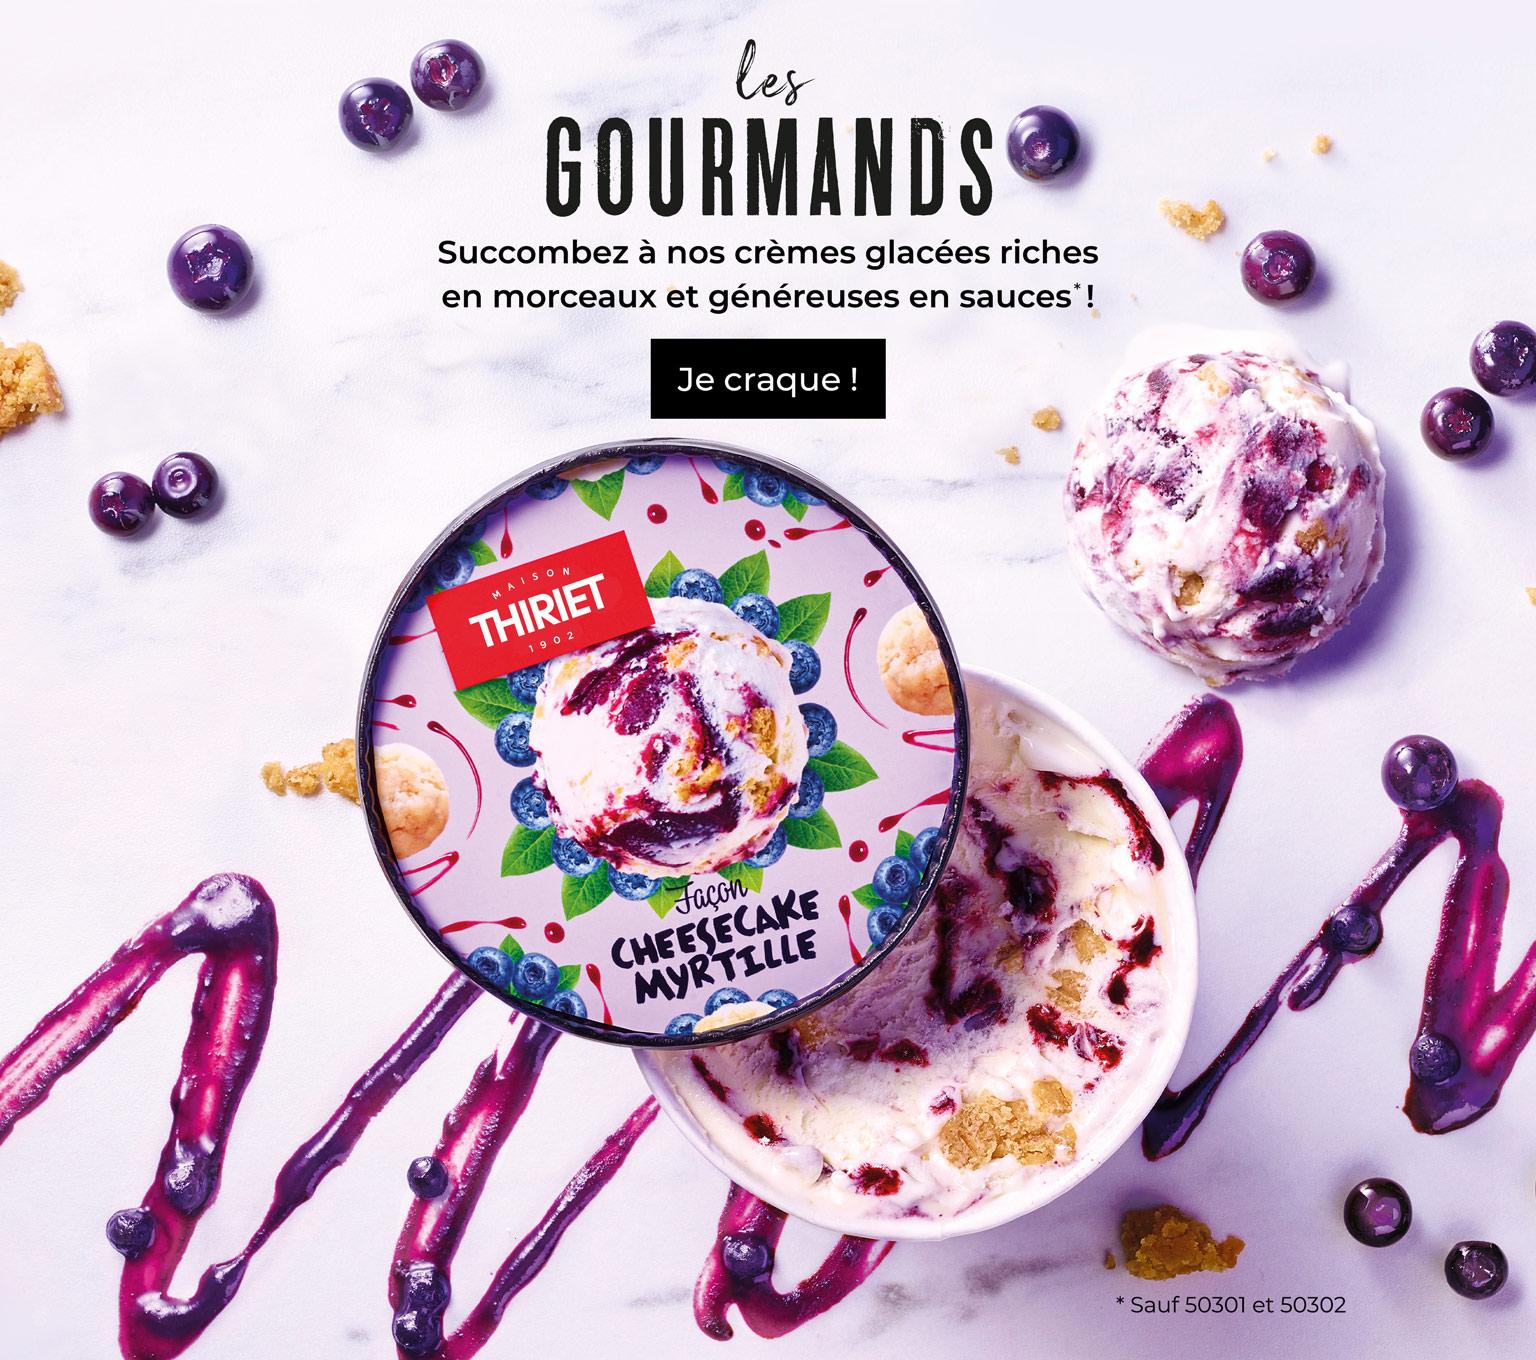 Les gourmands, crèmes glacées riche en morceaux et généreuses en sauces